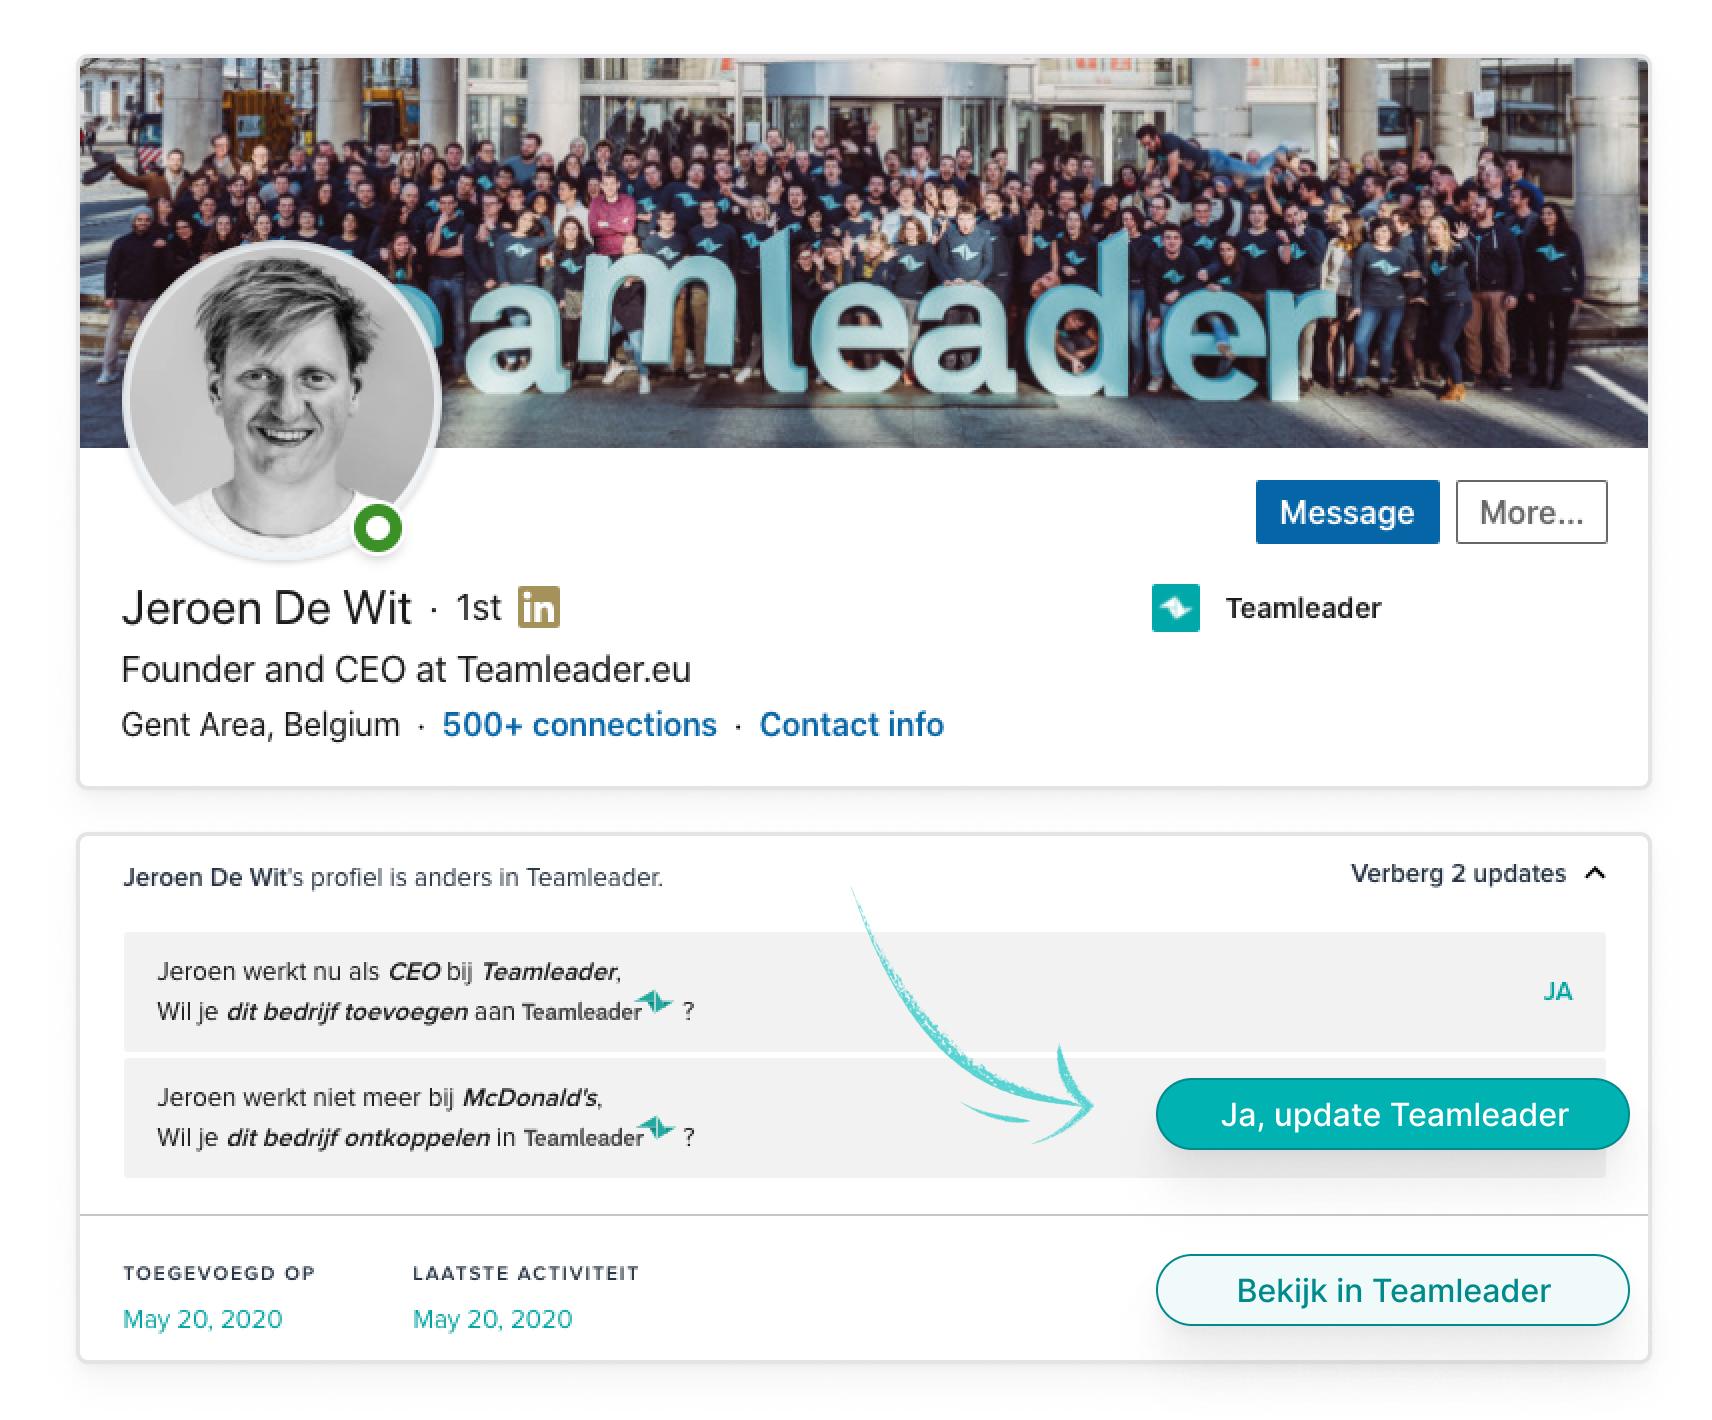 NL_Blog_LinkedInPlugIn_Stap 3 A